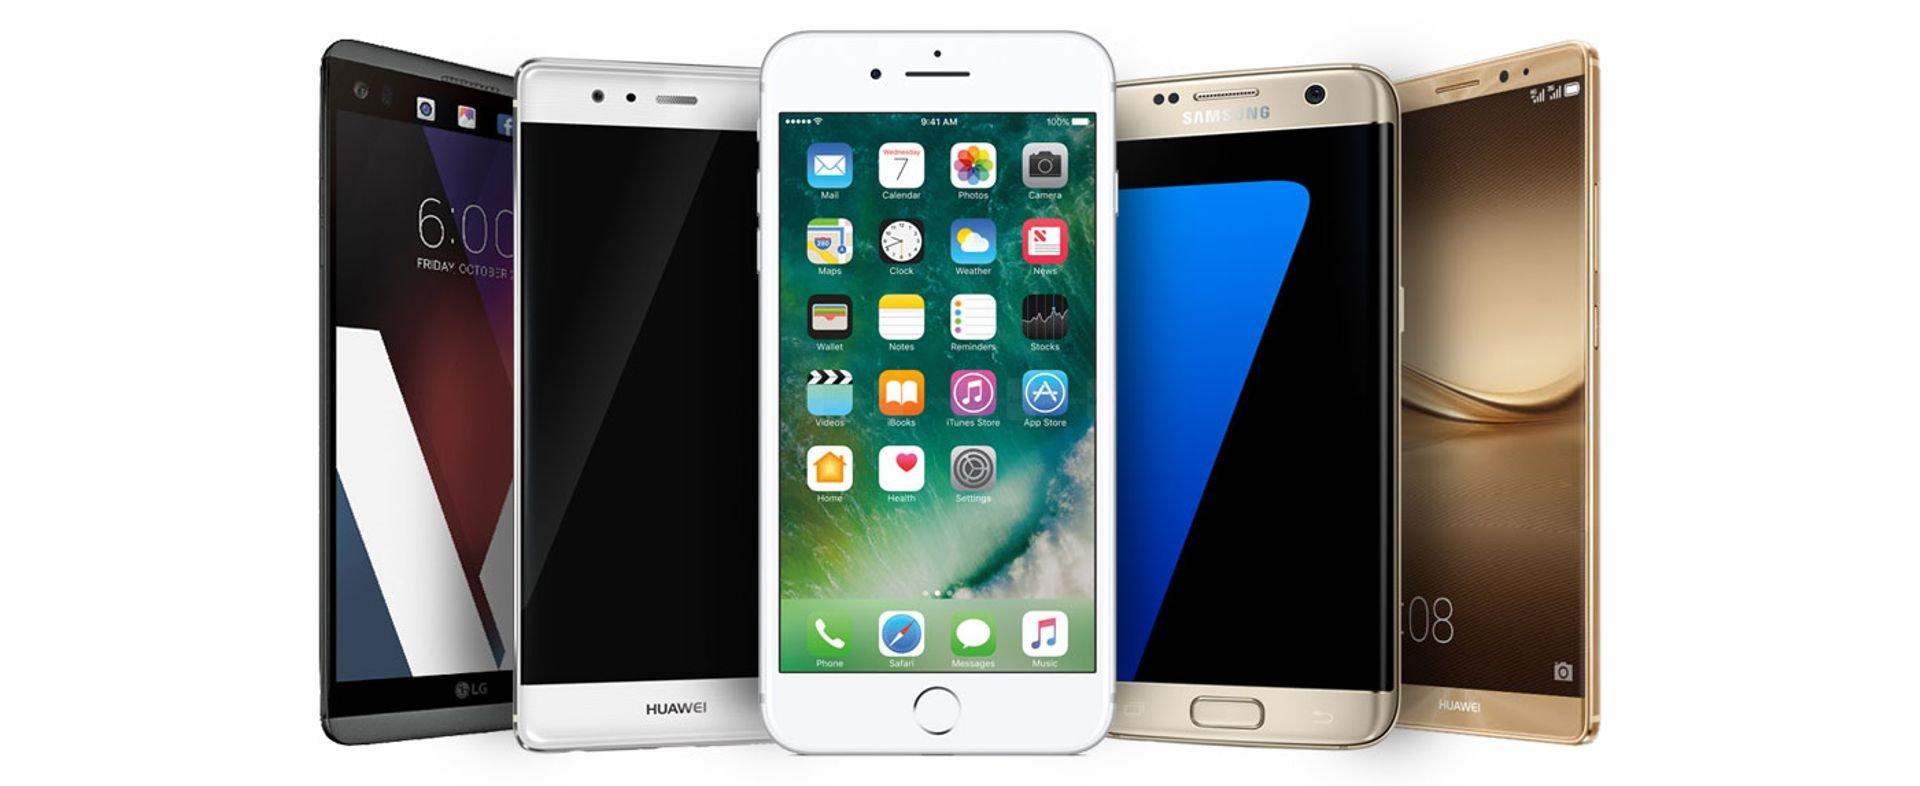 أفضل الهواتف الذكية لعام 2016